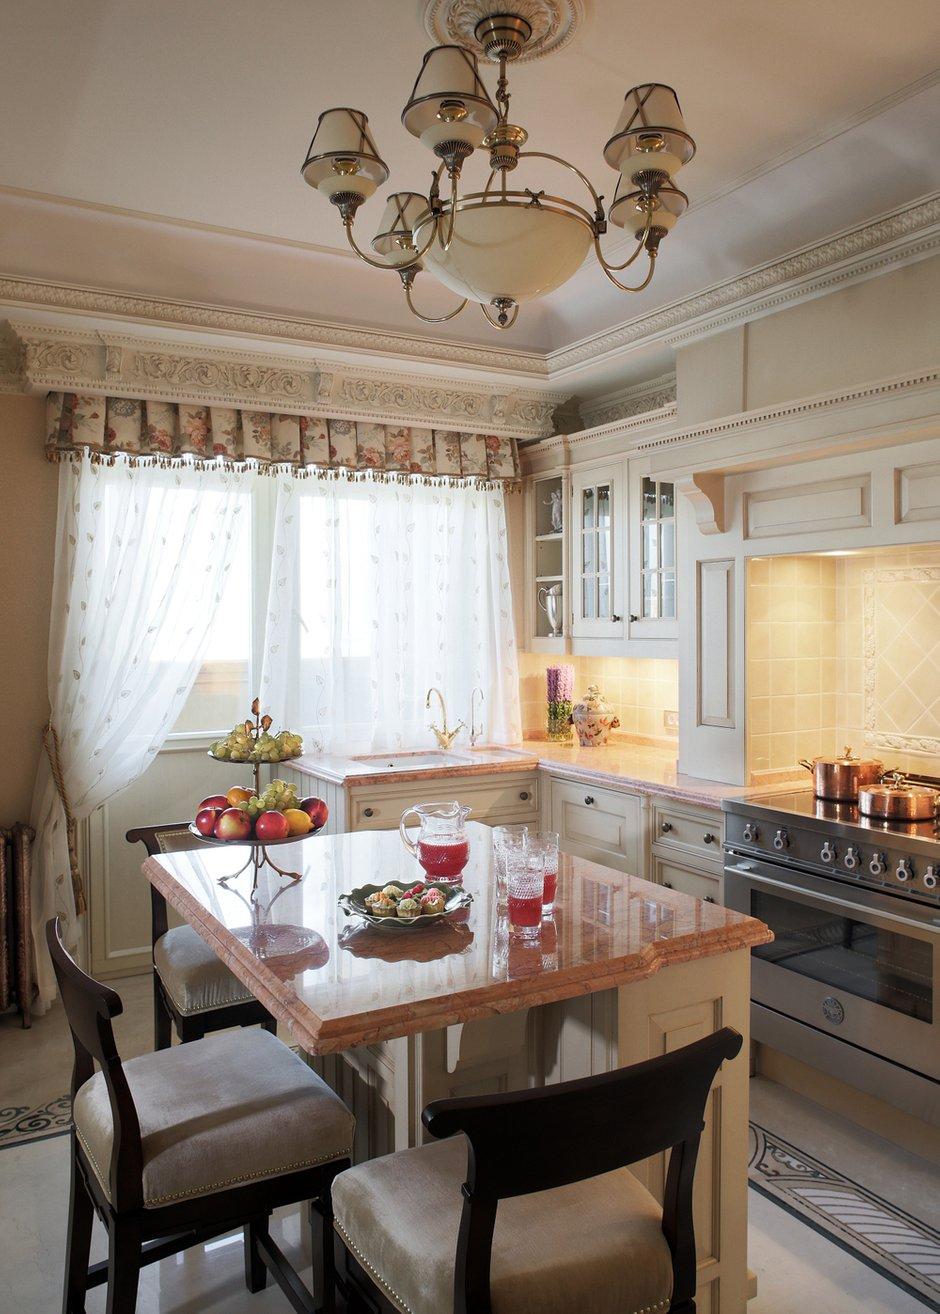 Фотография: Кухня и столовая в стиле Прованс и Кантри, Классический, Квартира, Дома и квартиры, Проект недели – фото на INMYROOM